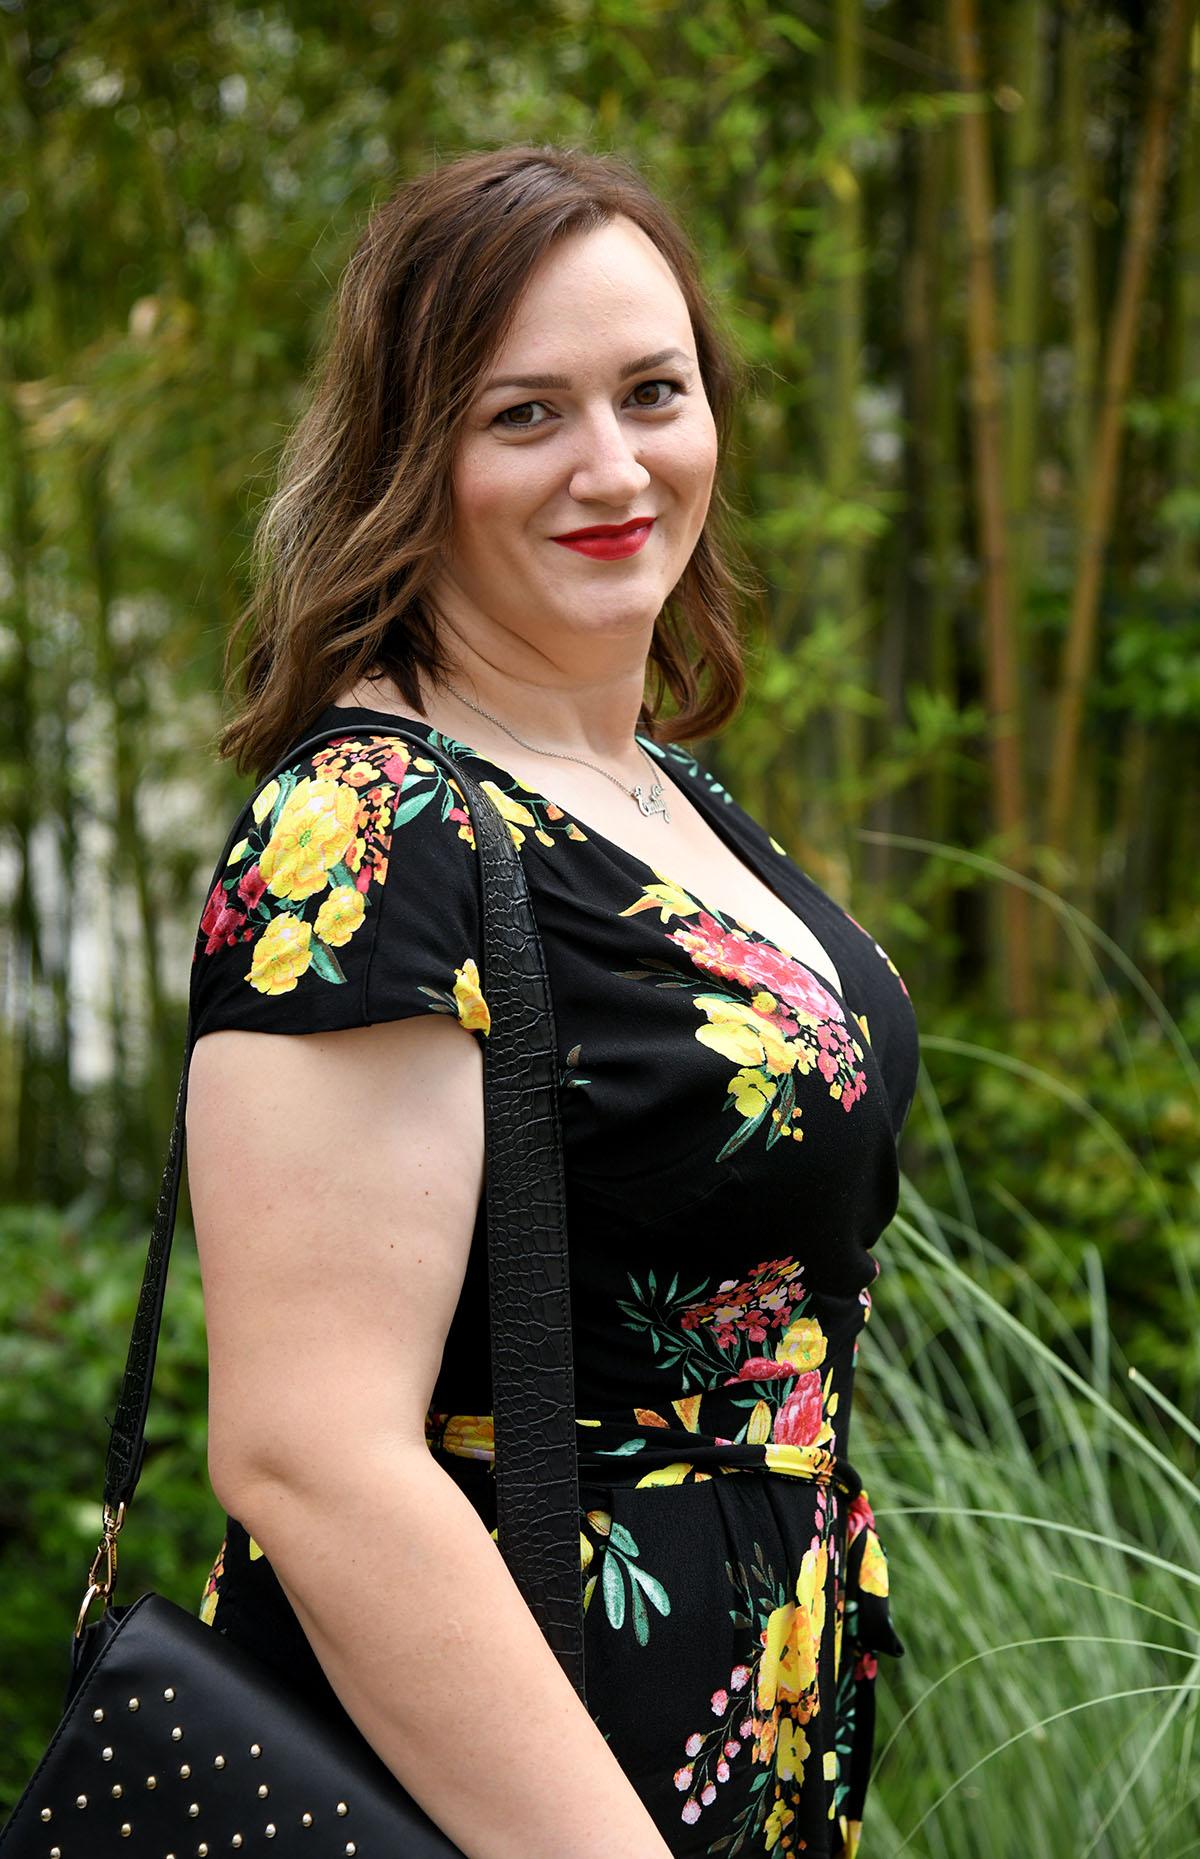 Extravagant makeover: Kandidatkinje spremne za estetske zahvate u Thalassotherapiji Opatija